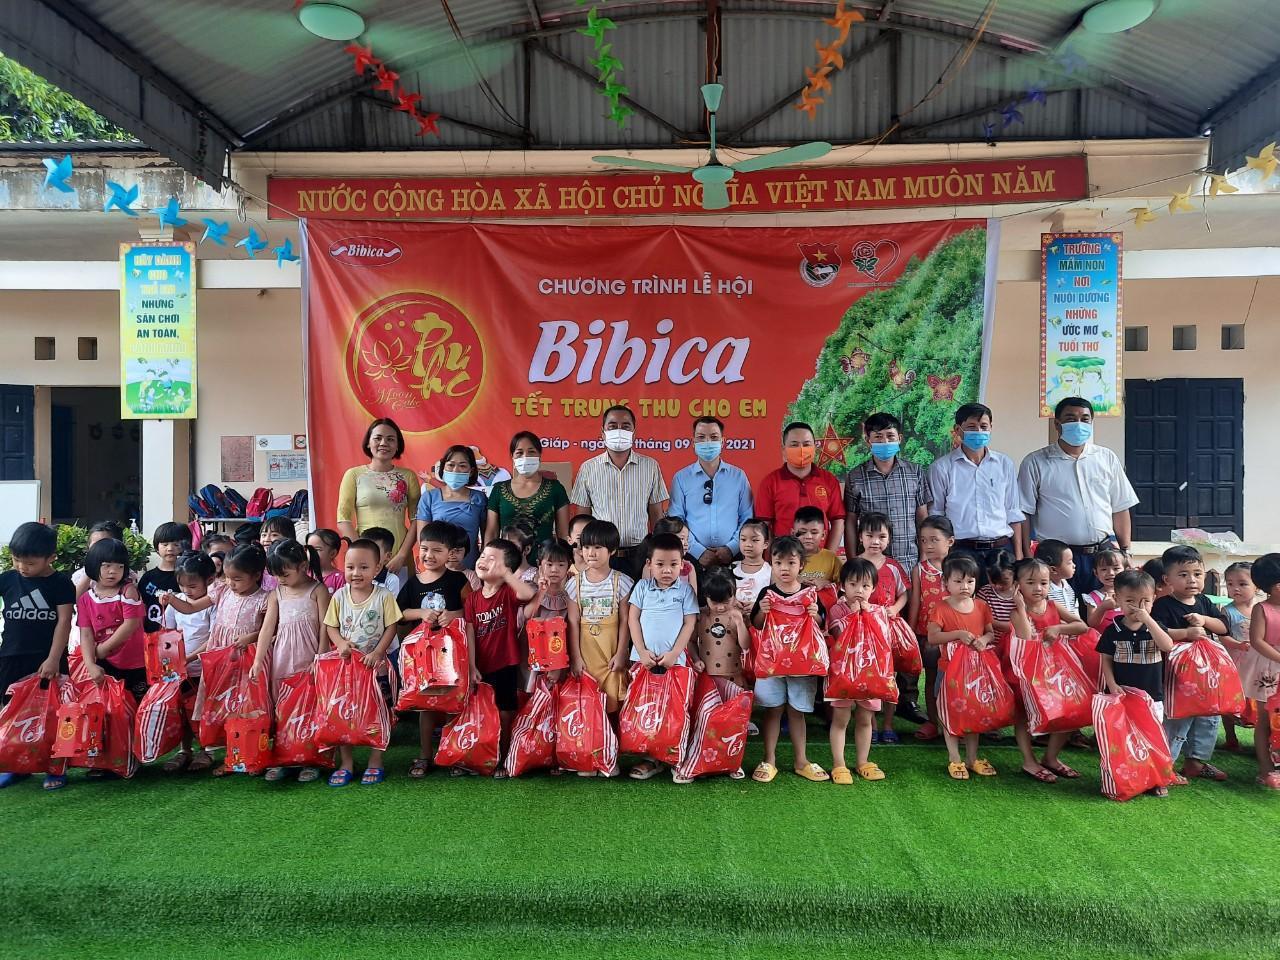 Tết Trung Thu Cho Em - Mùa 2 đã được Bibica triển khai tại 17 tỉnh thành trên toàn quốc - Ảnh 1.